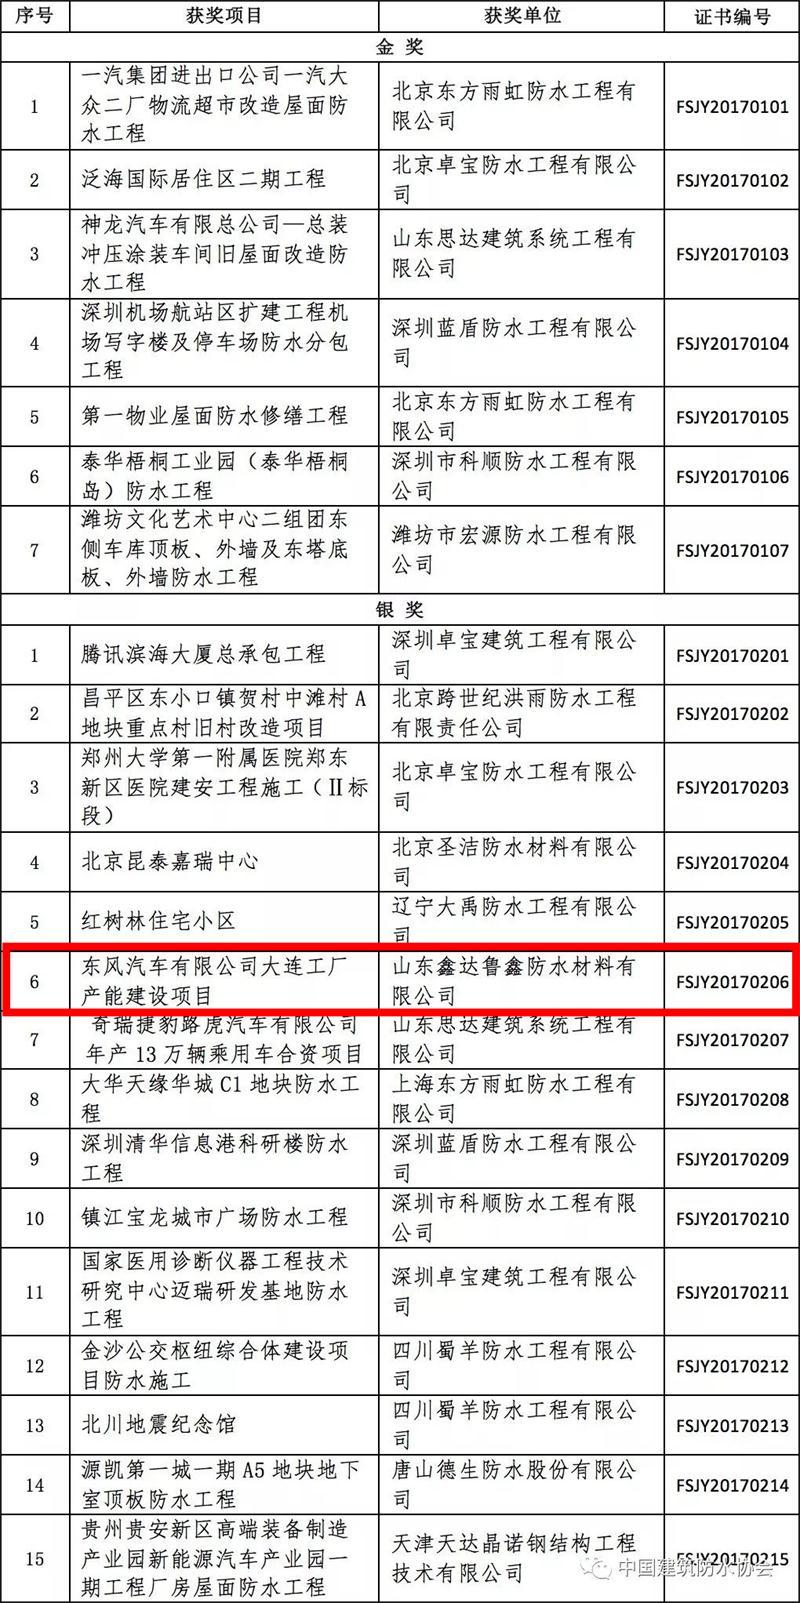 【喜讯】鲁鑫防水金禹奖、技术进步奖均上榜